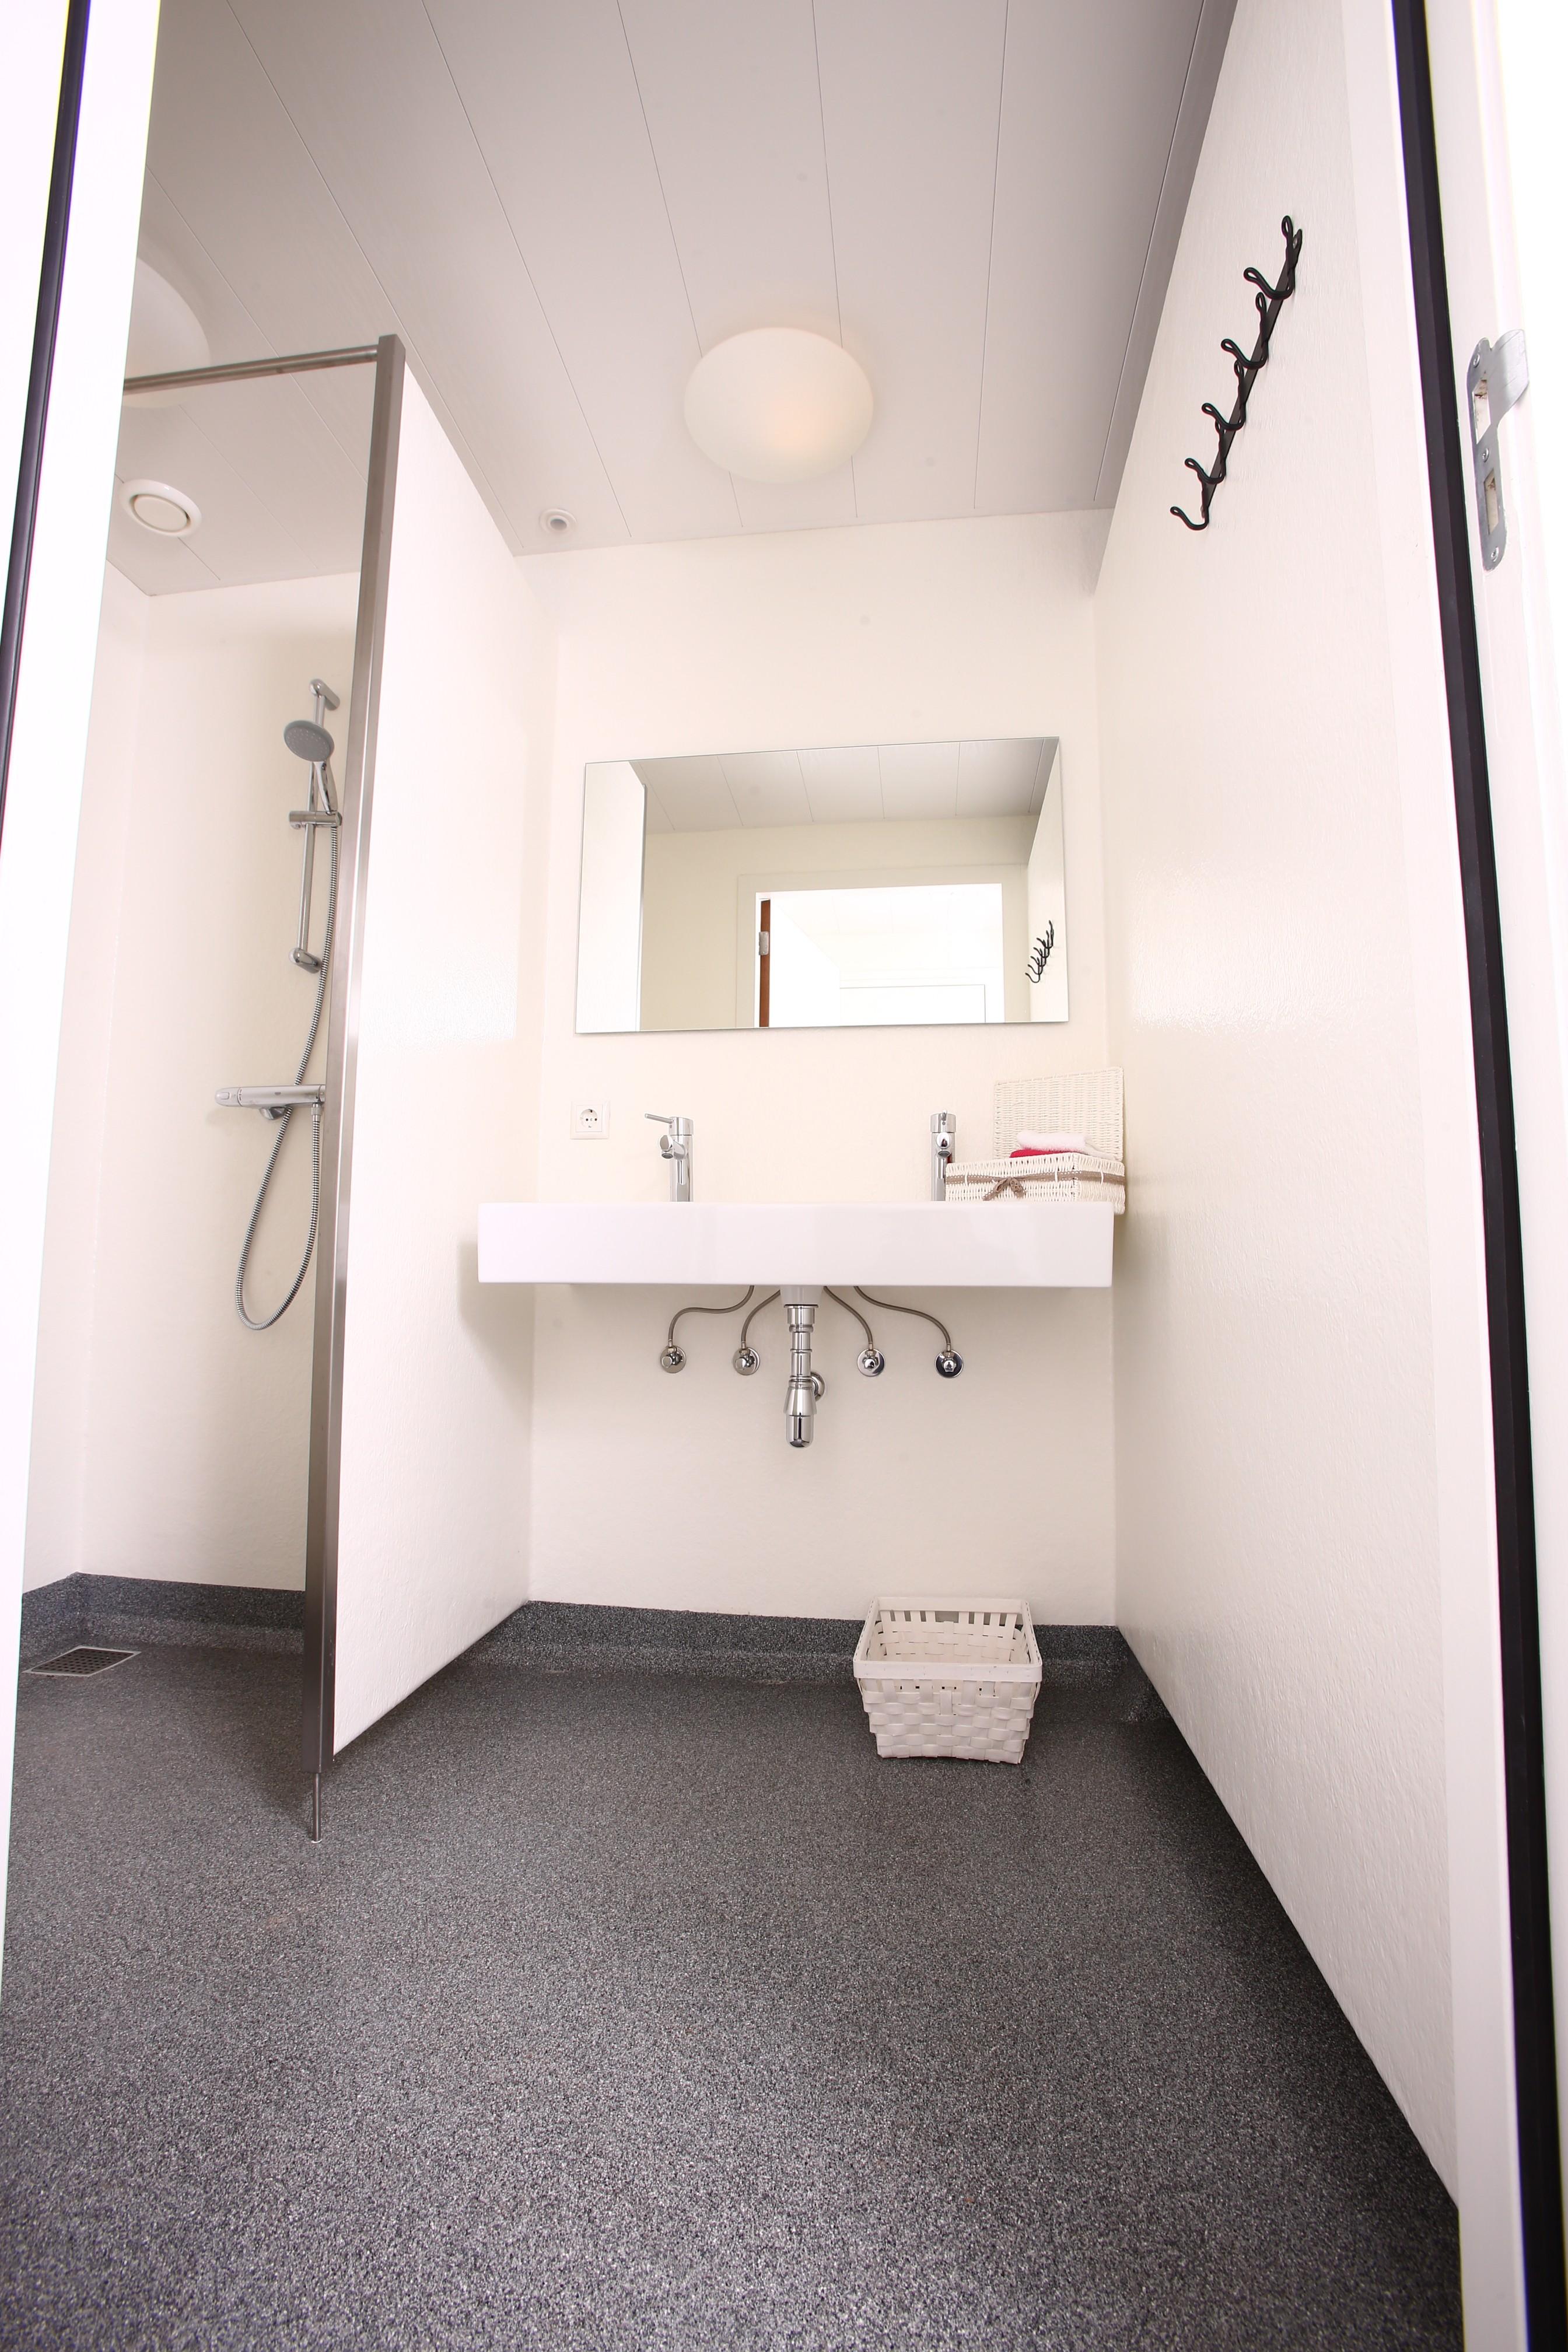 Stunning Polyester Badkamer Ideas - Huis & Interieur Ideeën ...